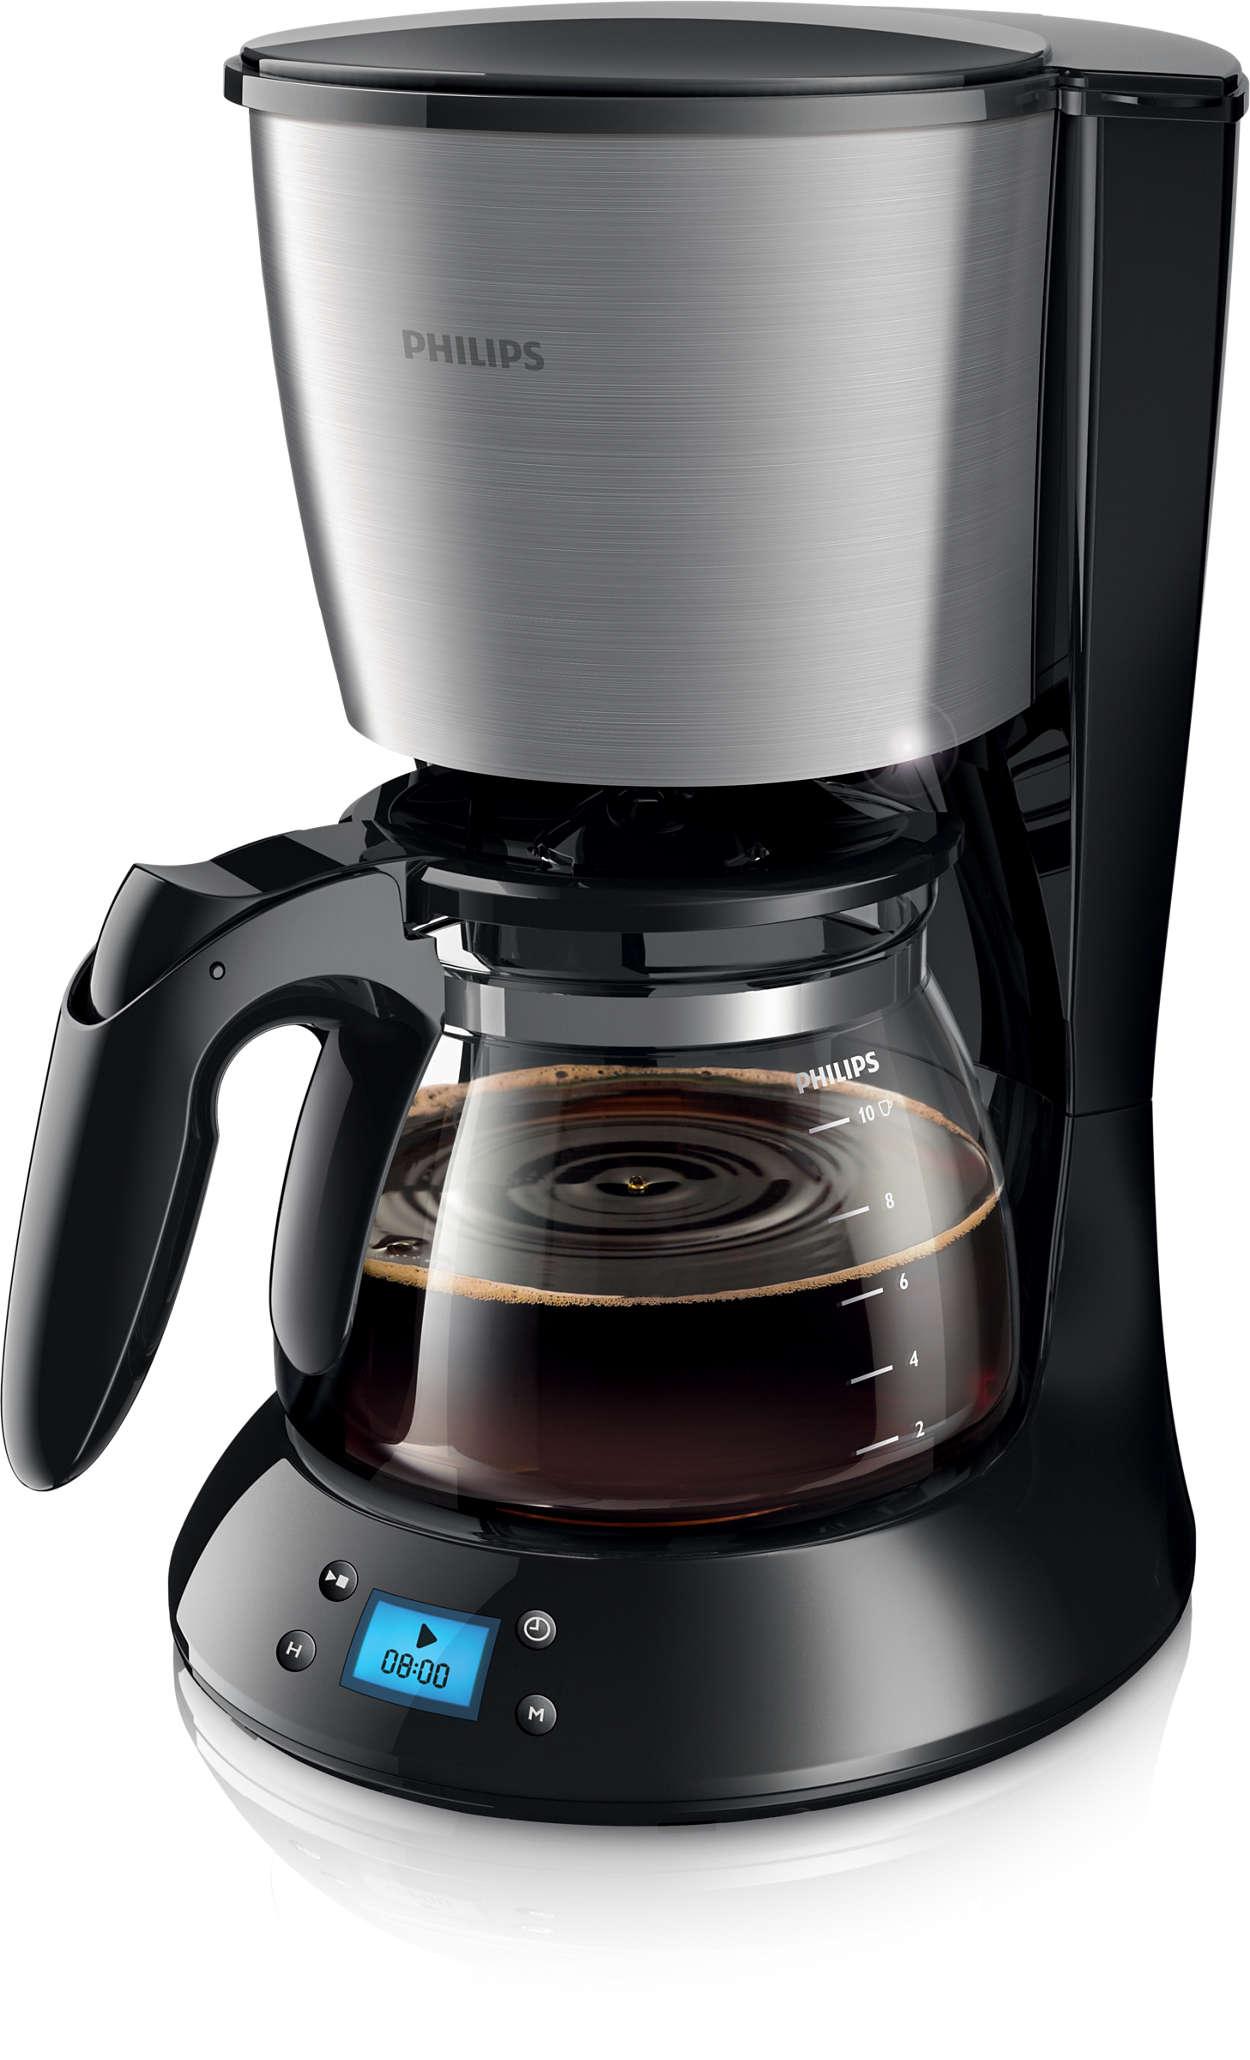 Vienkārši laba kafija